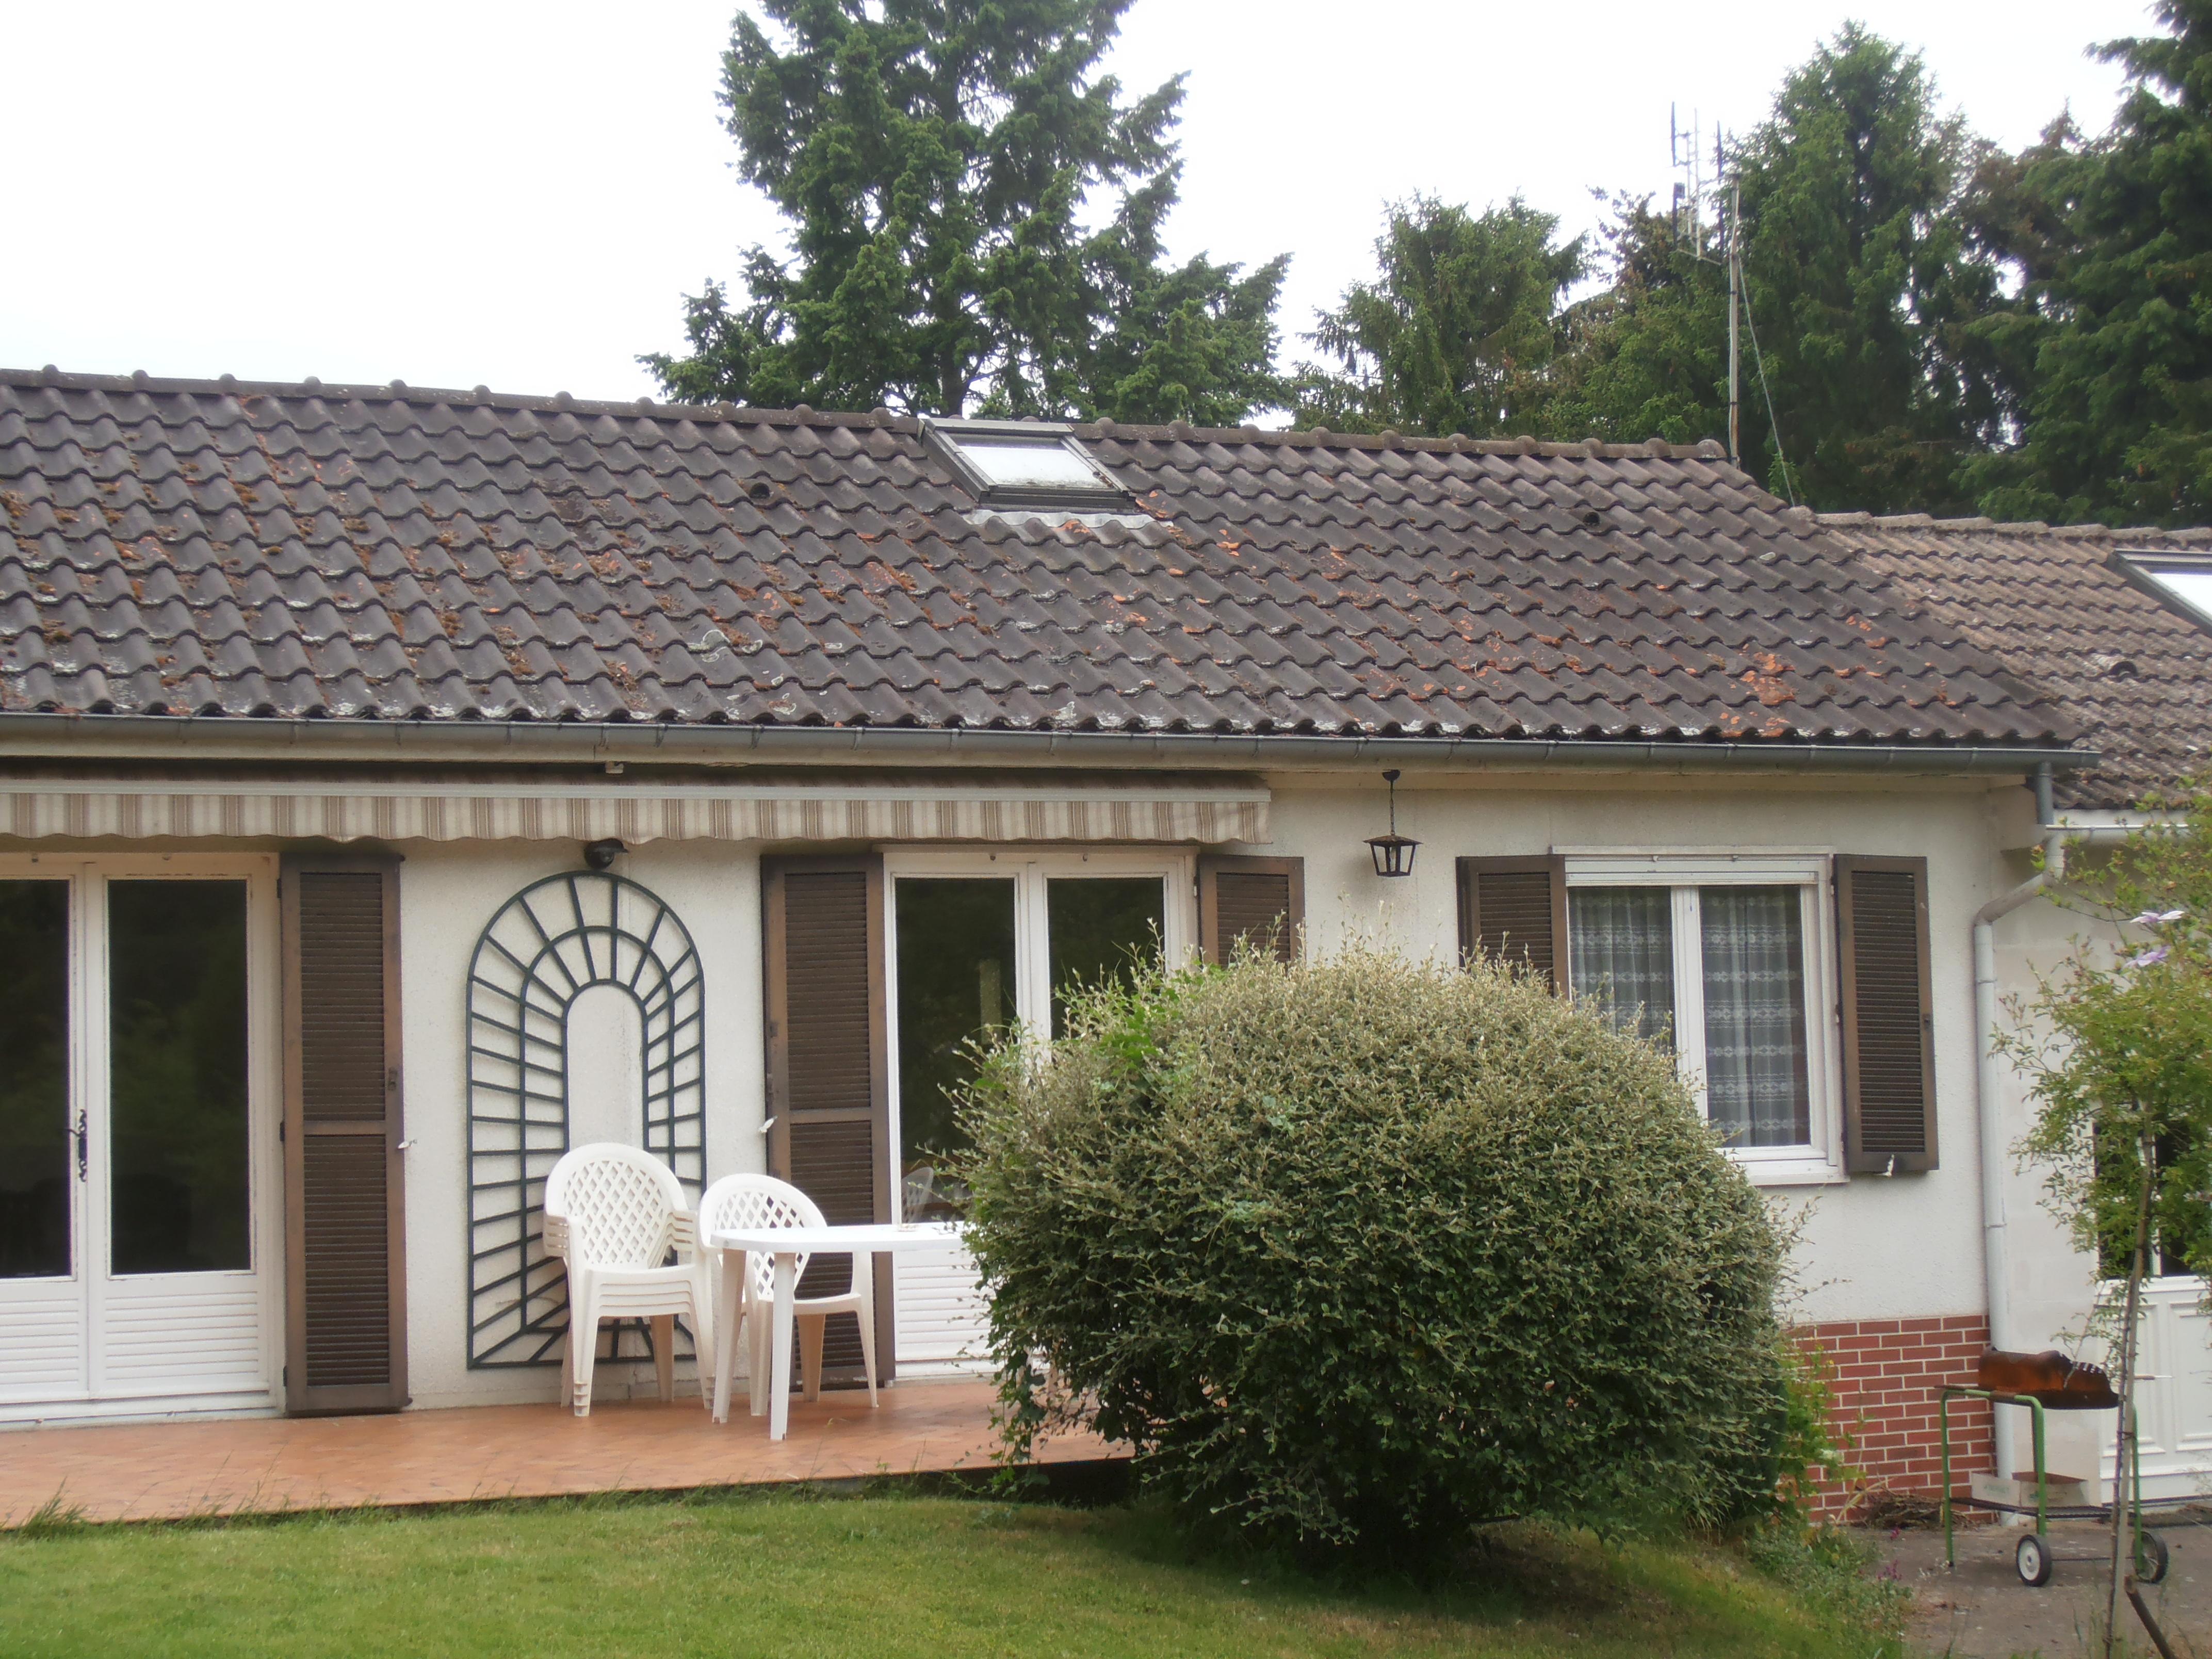 La maison de l'orée du bois